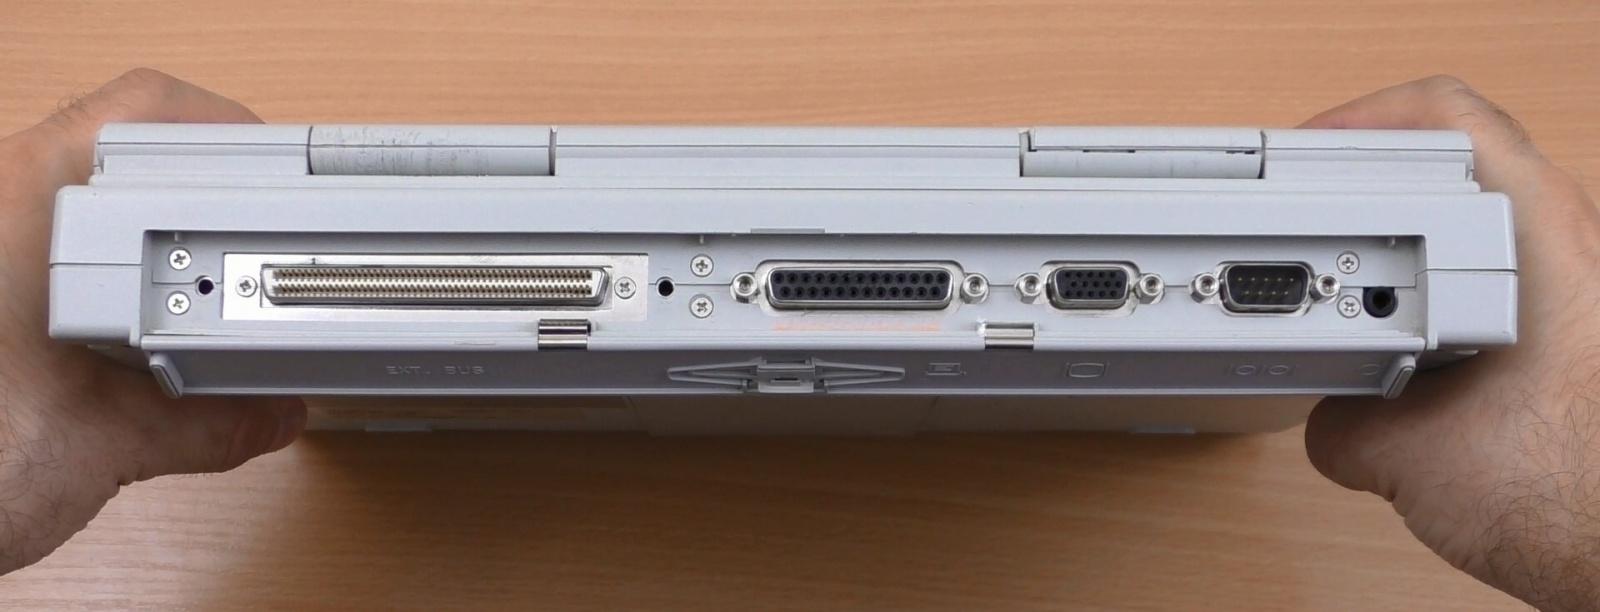 Мощь 80486 на Siemens Nixdorf PCD-4ND (текст и видео — на выбор) - 11